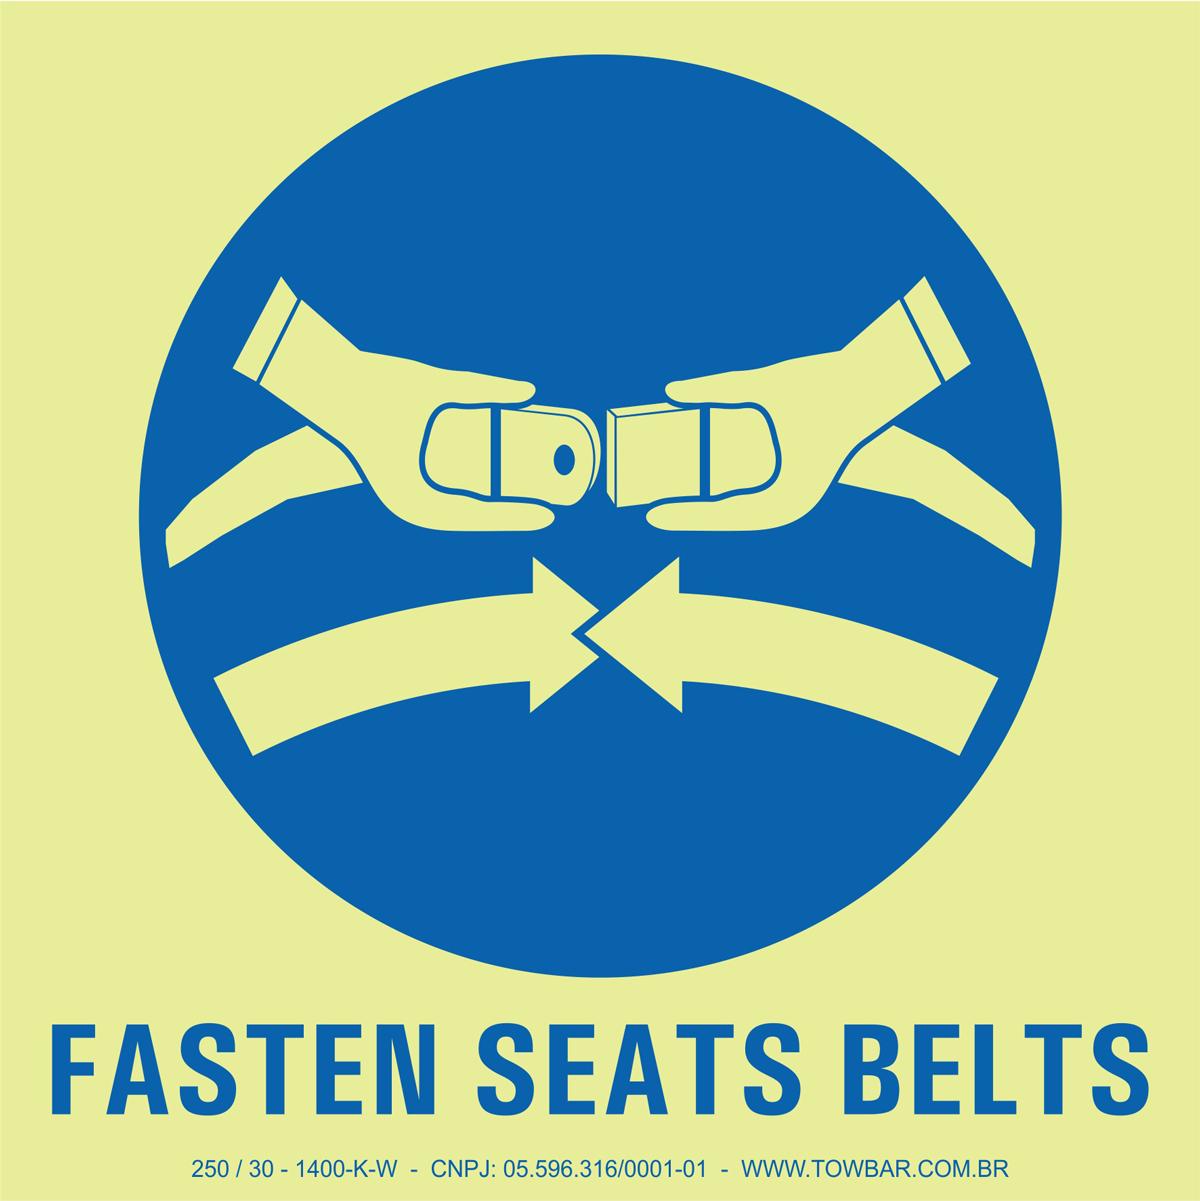 Fasten Seats Belts  - Towbar Sinalização de Segurança